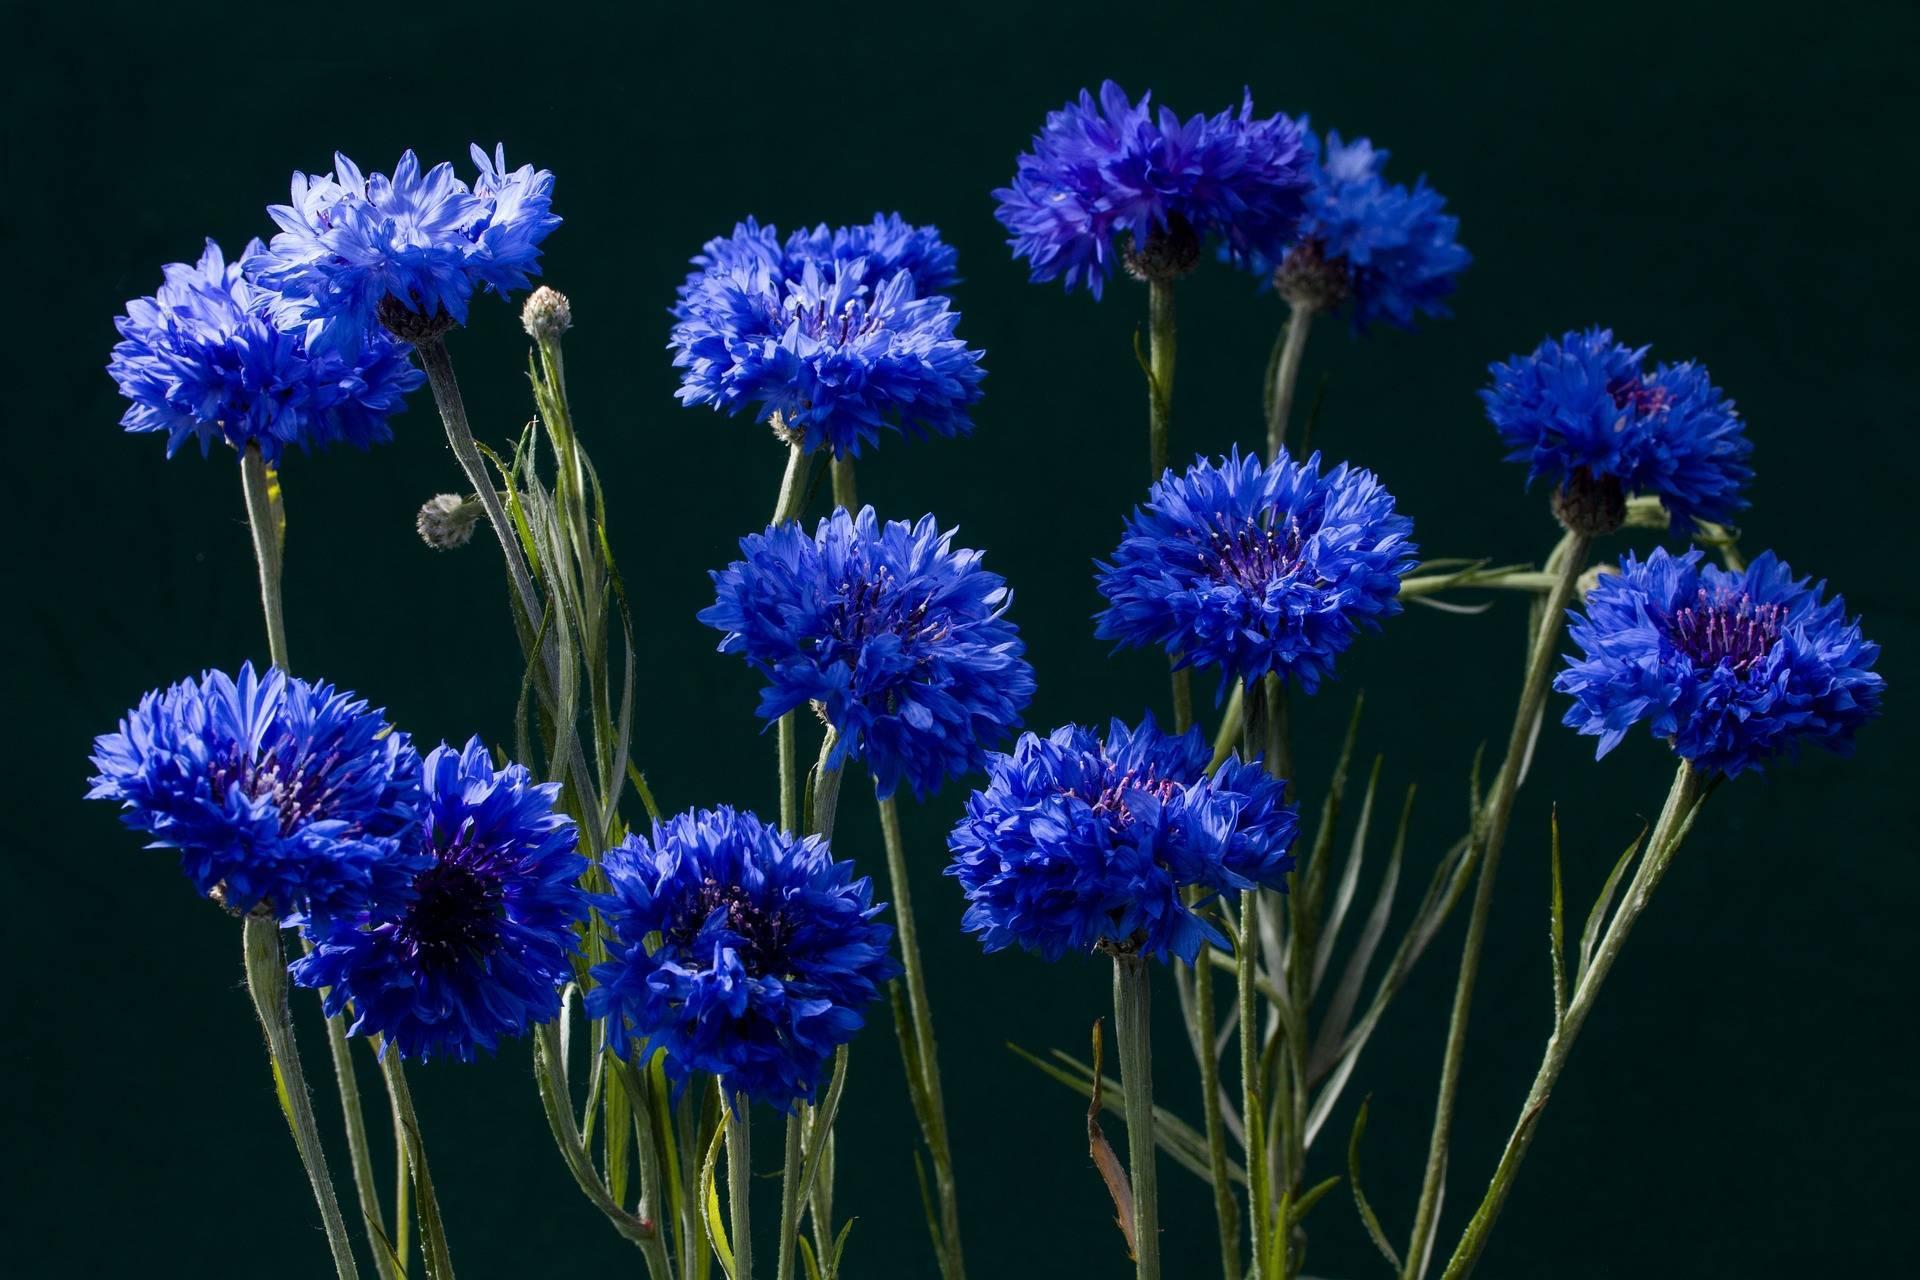 Василек (centaurea): описание и виды цветка на фото